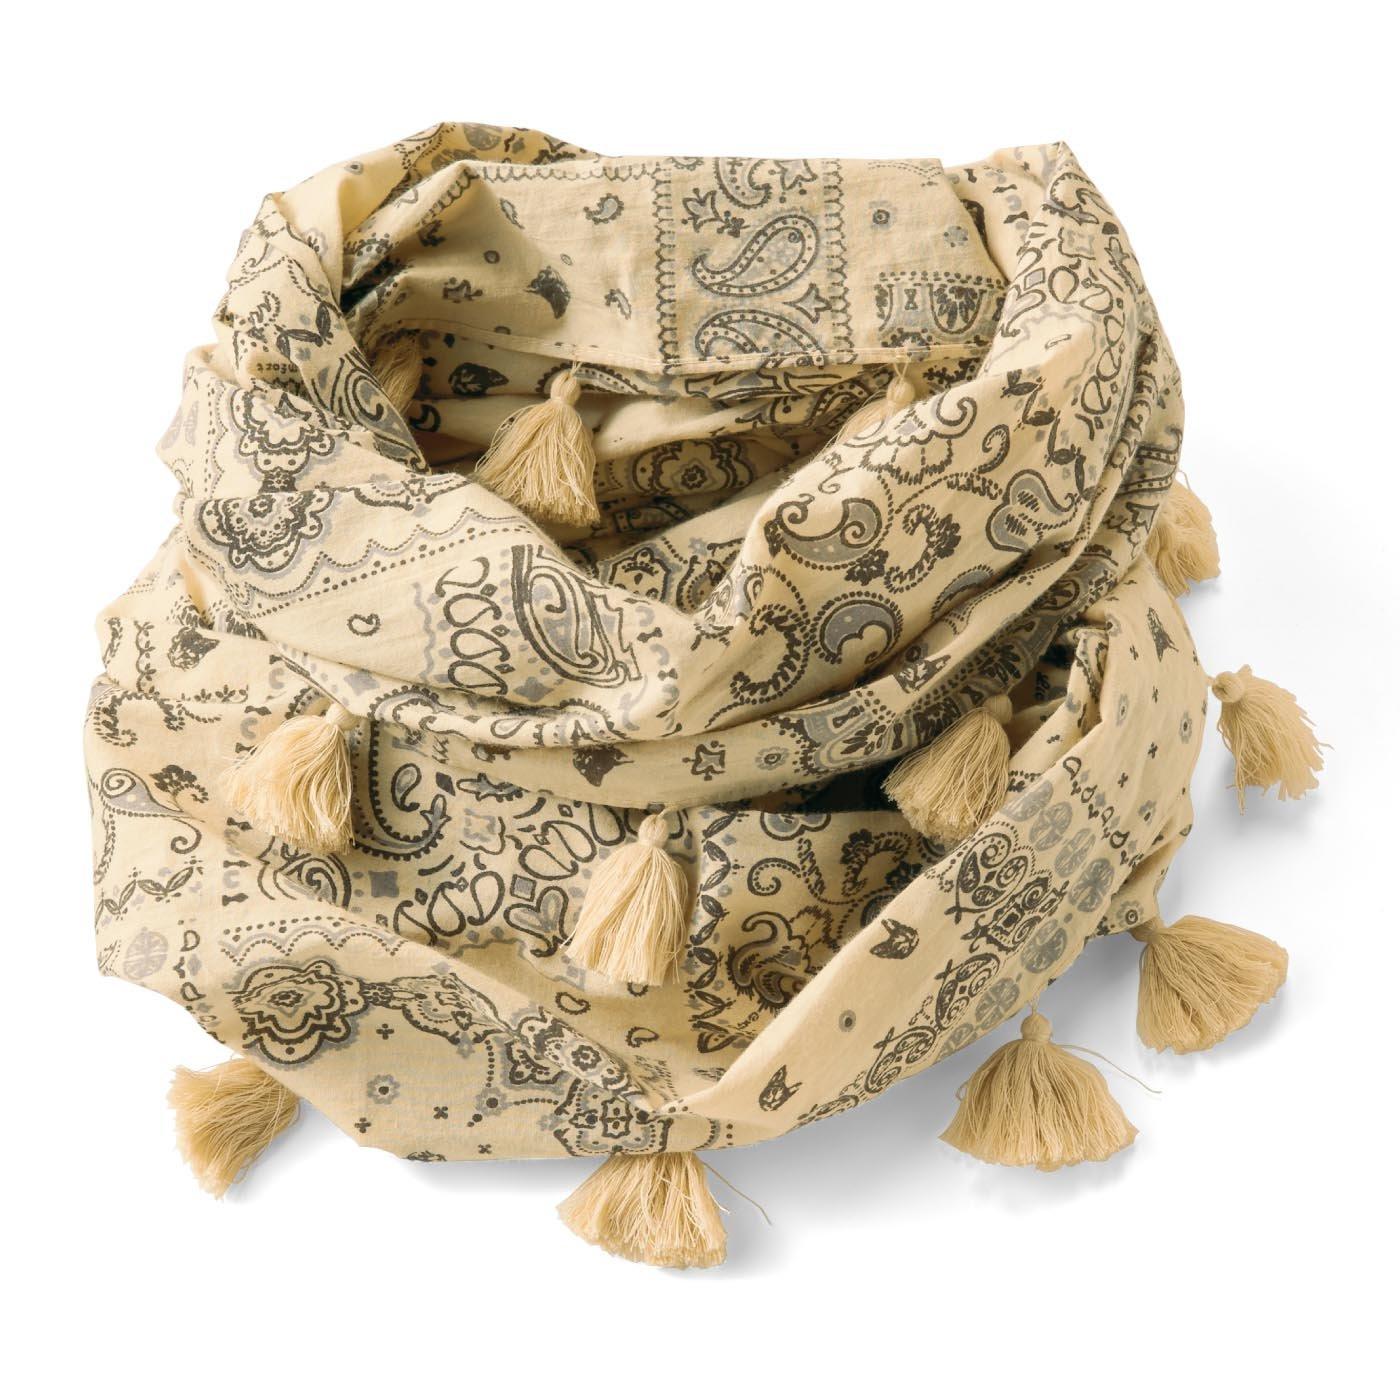 リブ イン コンフォート 猫部×リブインバンダナ柄にこっそり猫が大人オシャレな コットン100%のコンフォートスヌード〈ベージュ〉